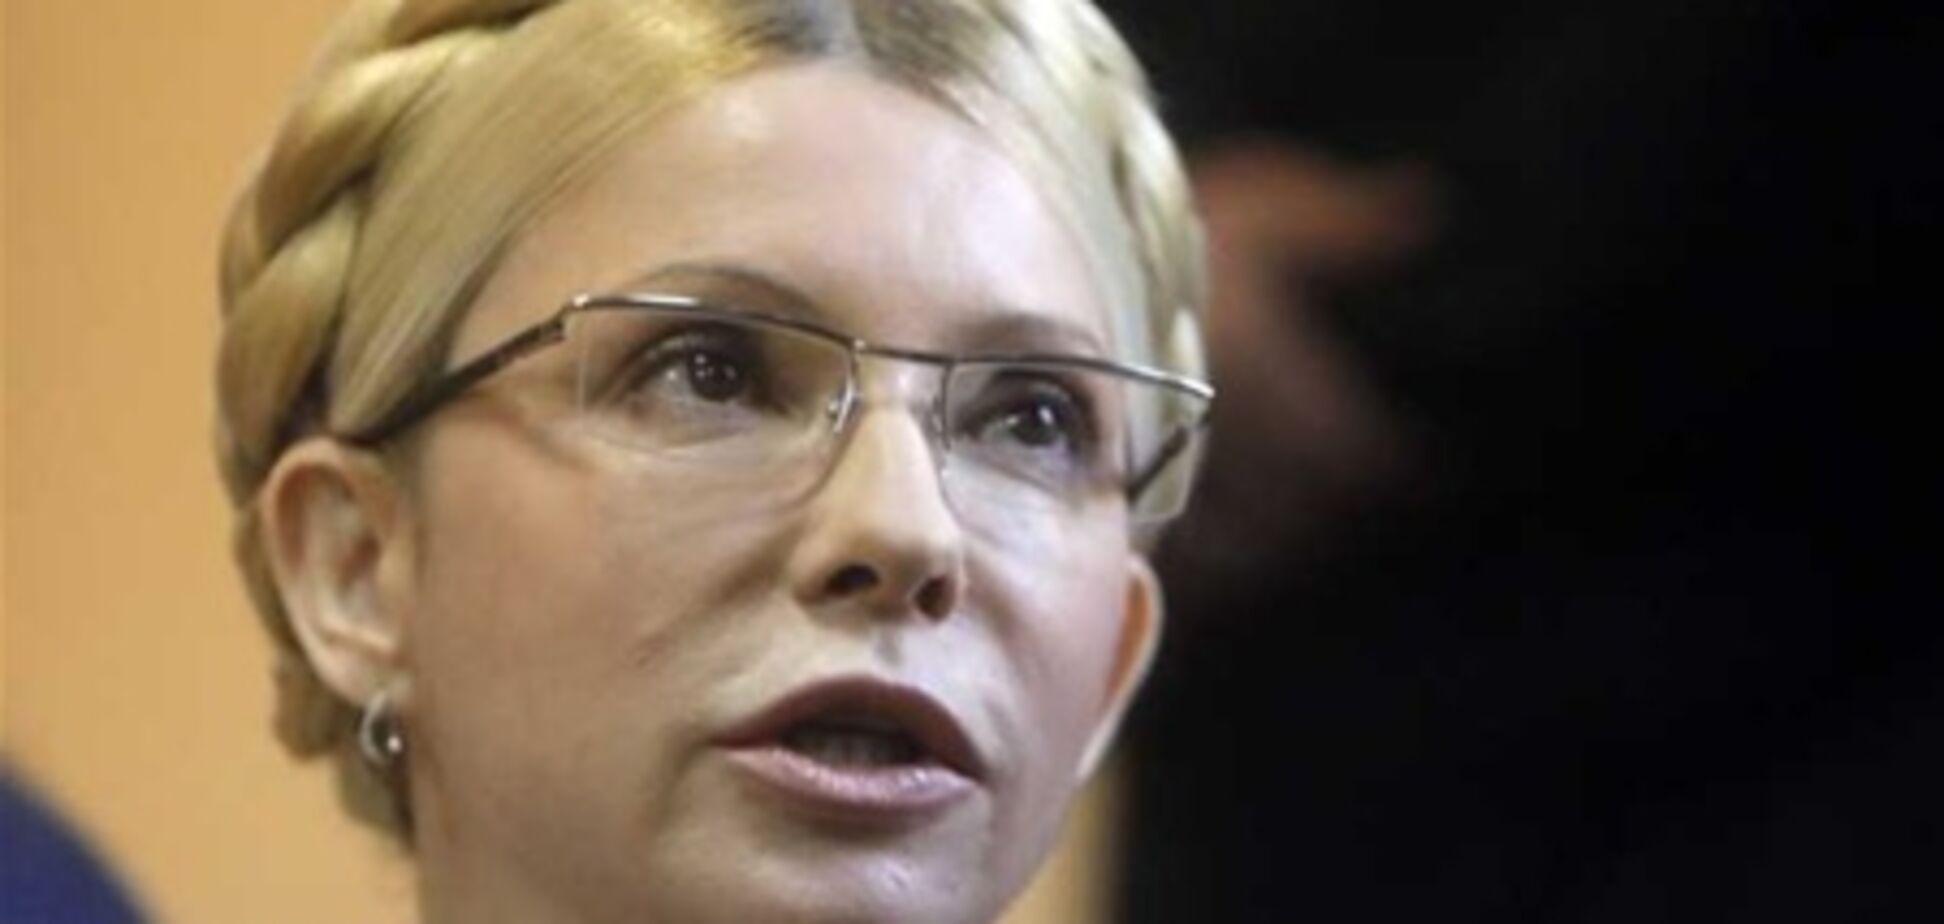 Тимошенко не нужна операция - пенитенциарная служба